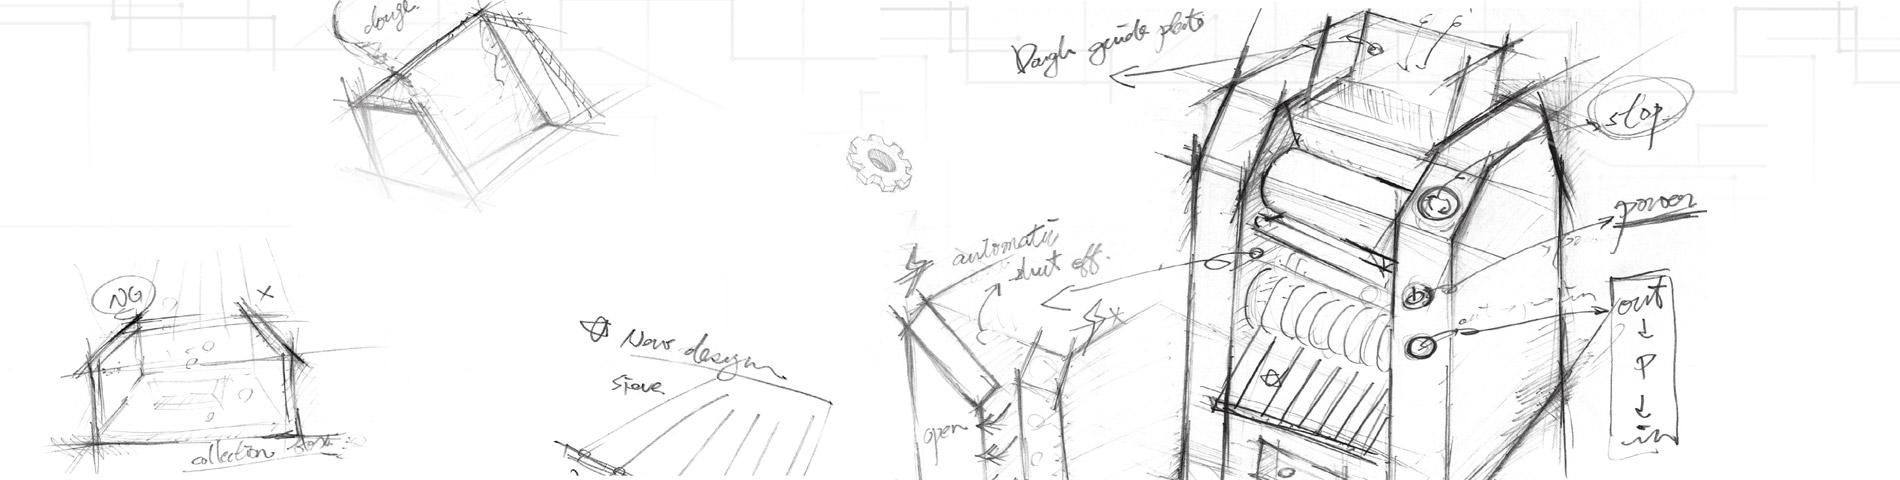 創新產品設計、研發製作 挑戰ODM